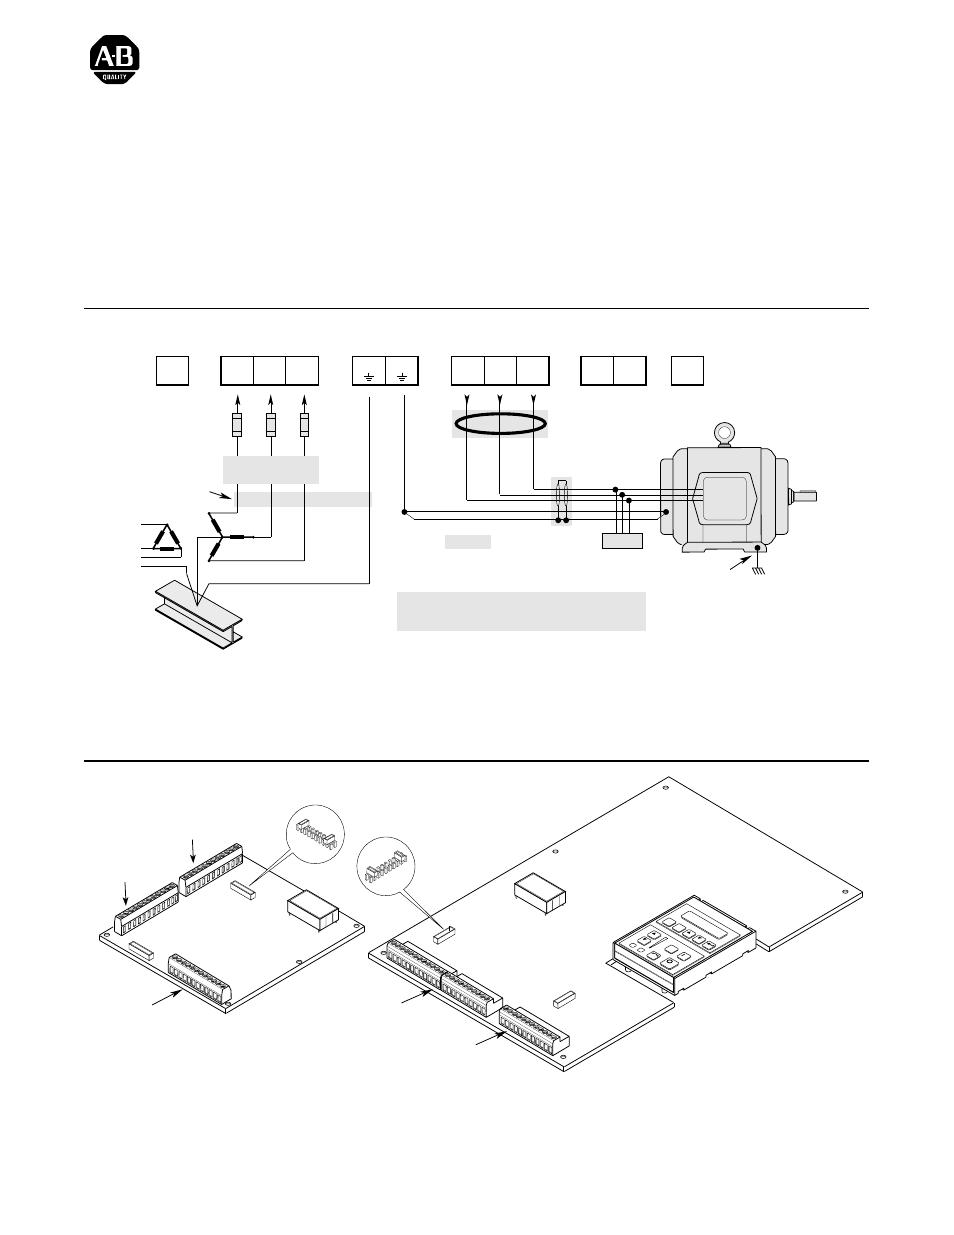 Allen Bradley 1336 Wiring Diagram